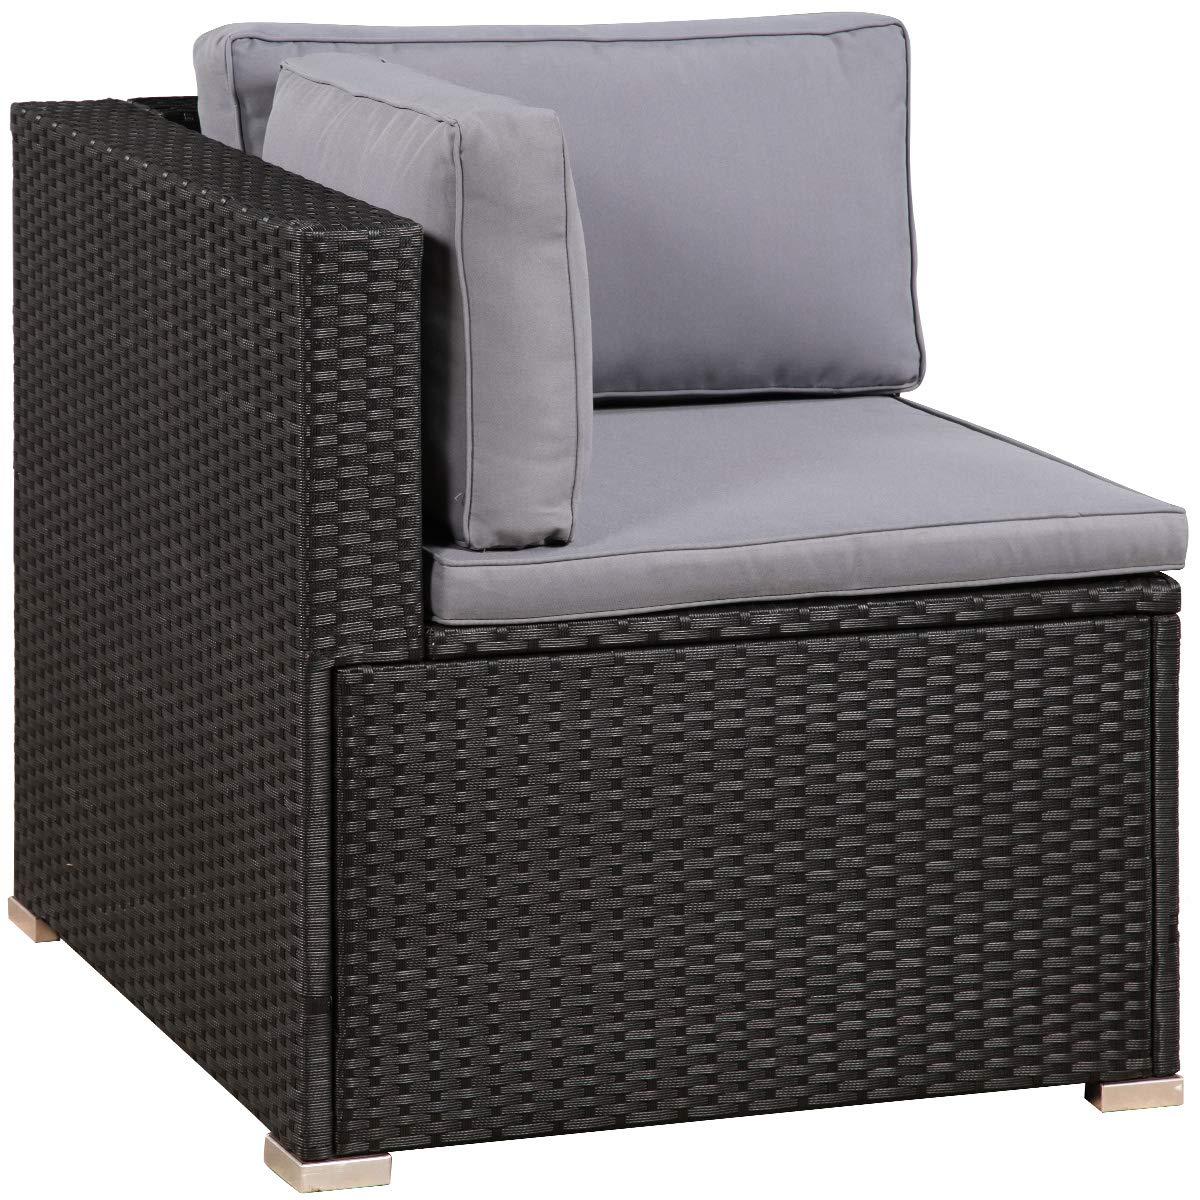 Amazon.com: Teeker - Juego de muebles de patio de 7 piezas ...